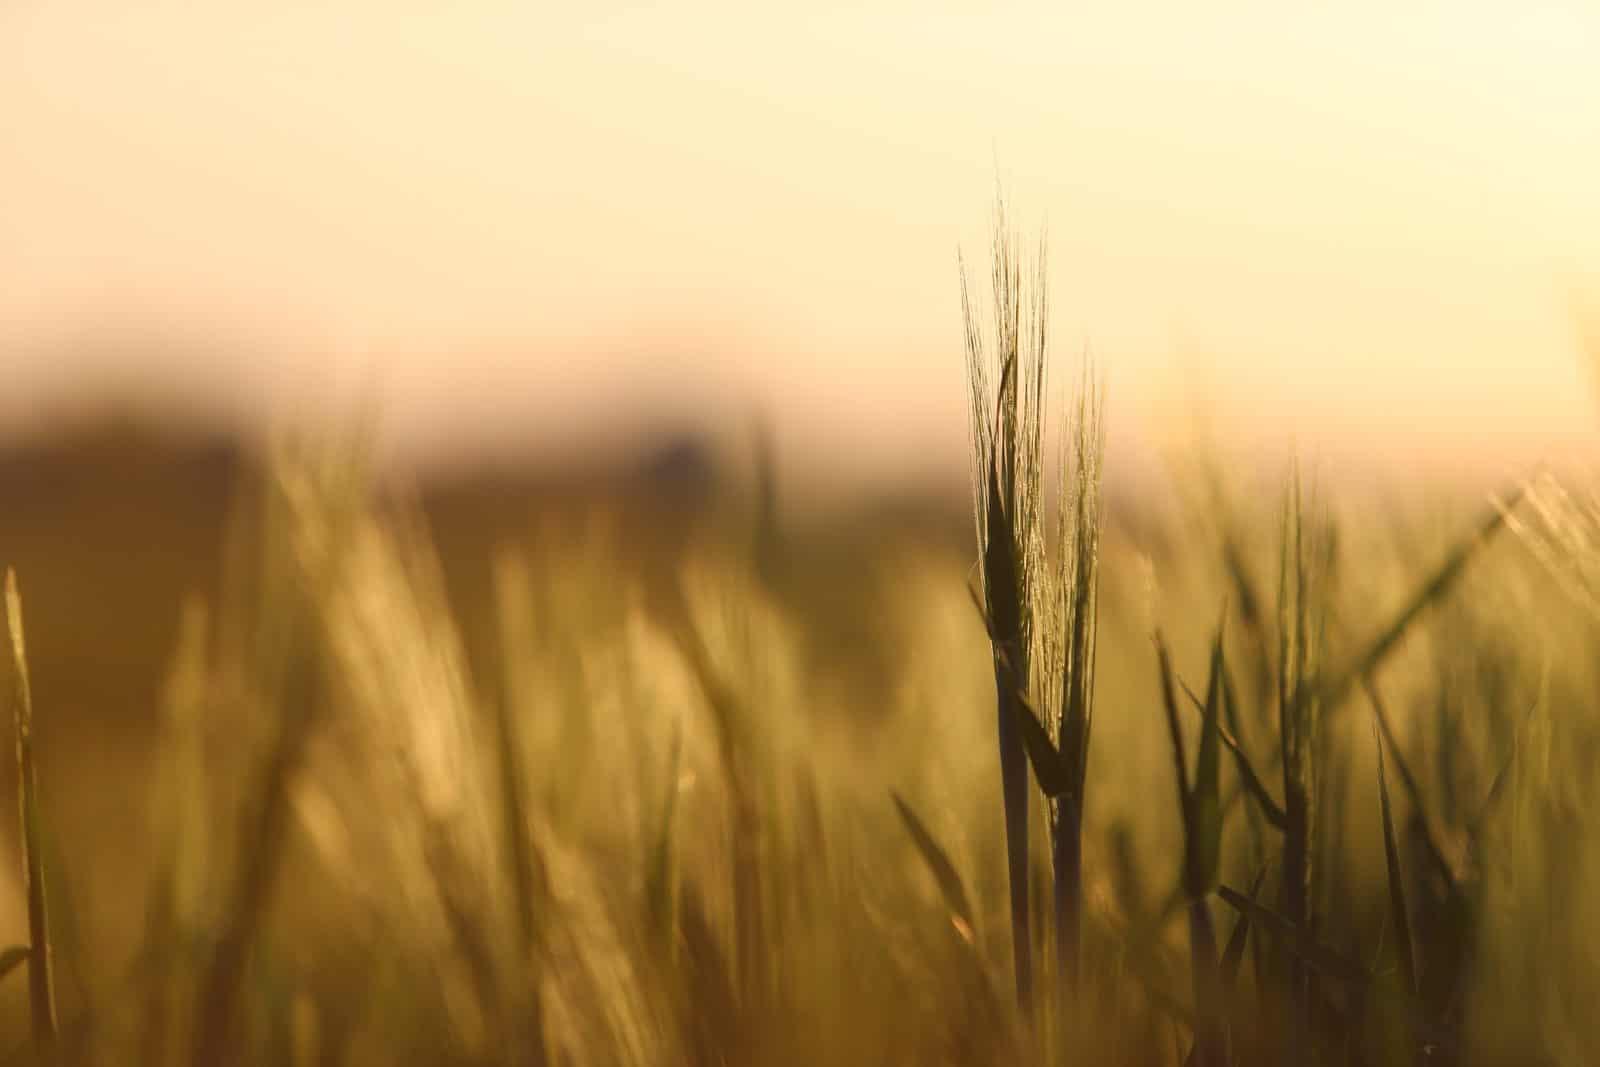 Détail d'un épi d'orge dans un champ au coucher du soleil - gîte rural de Haute Forêt en Vallée du Loir